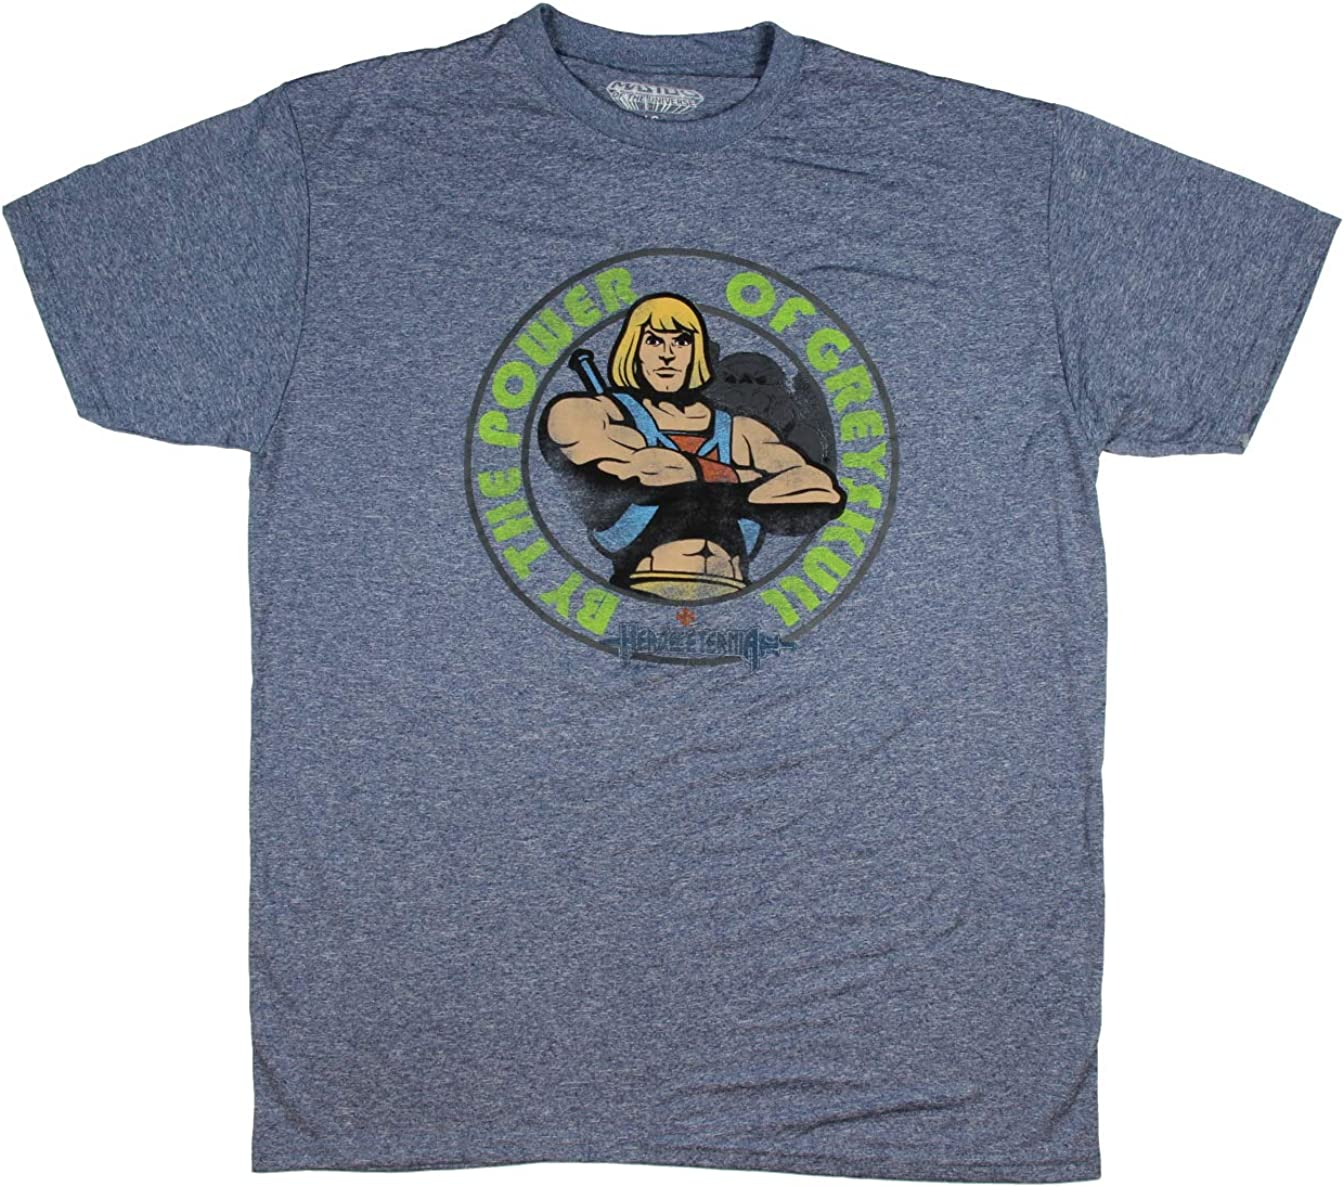 *SKELETOR MAKE ETERNIA GREAT Mens T-Shirt *MANY OPTIONS* ~FULL FRONT OF SHIRT~